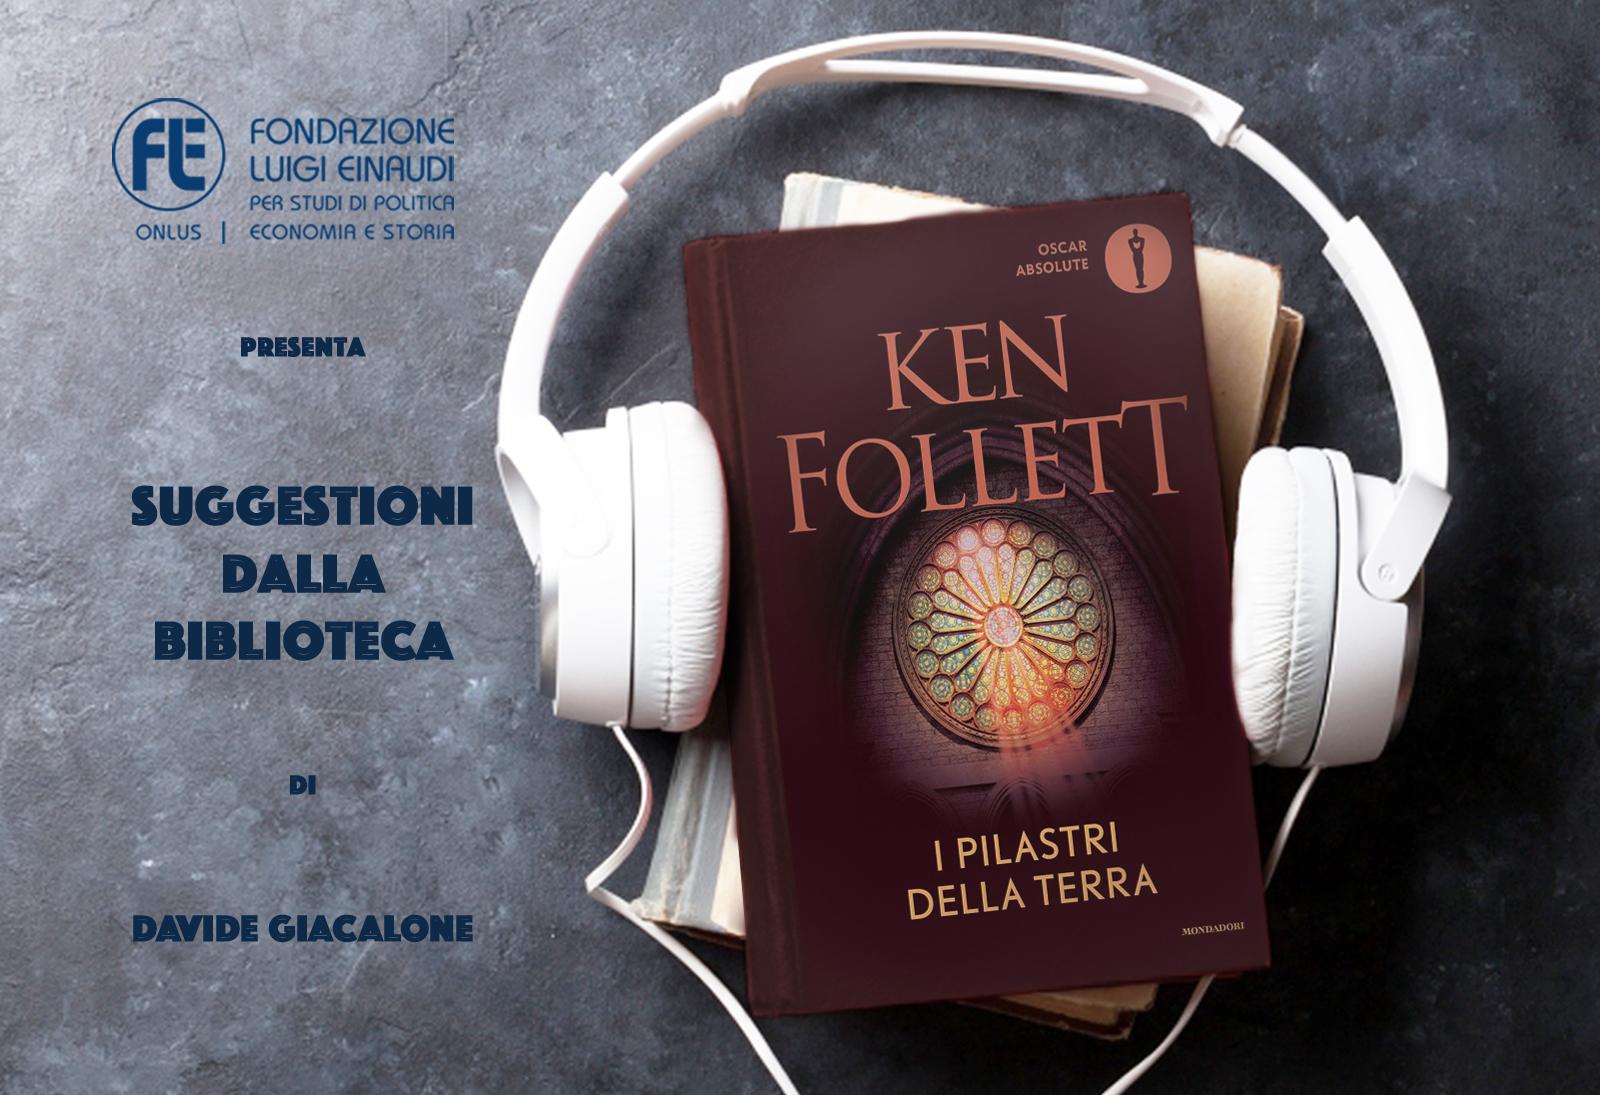 Ken Follett – I pilastri della terra